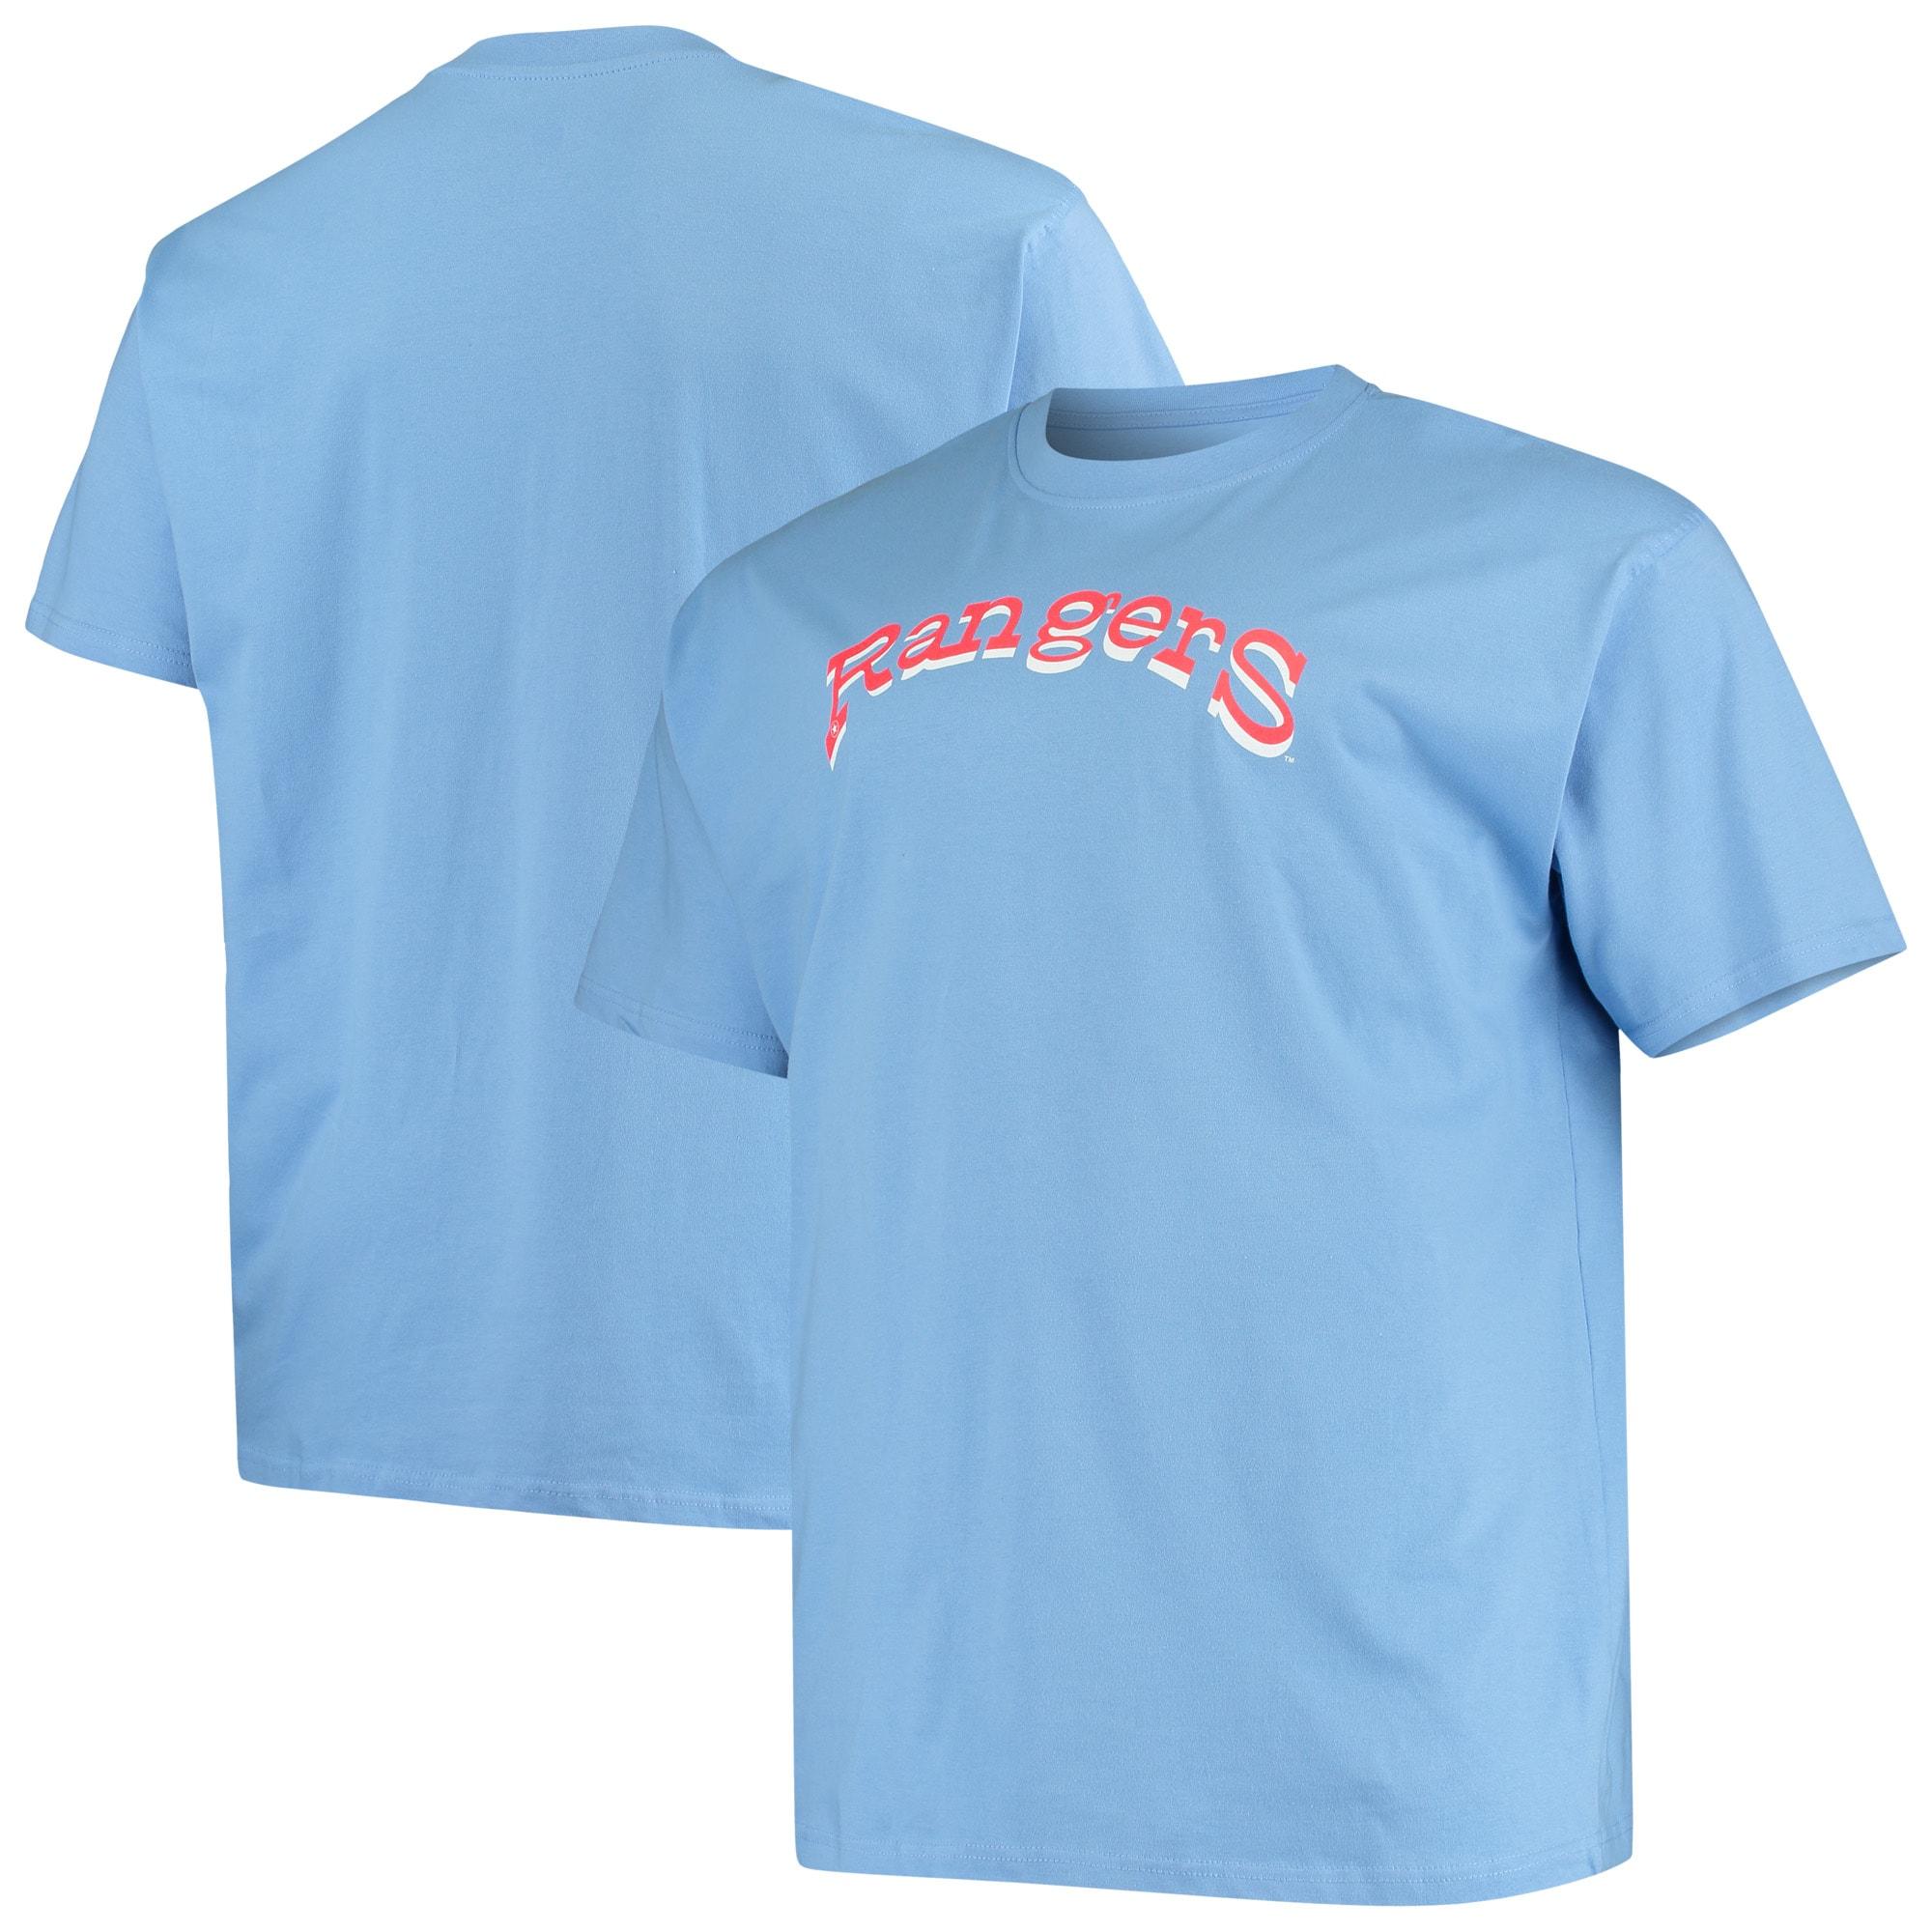 Texas Rangers Big & Tall Cooperstown Collection Wordmark T-Shirt - Light Blue